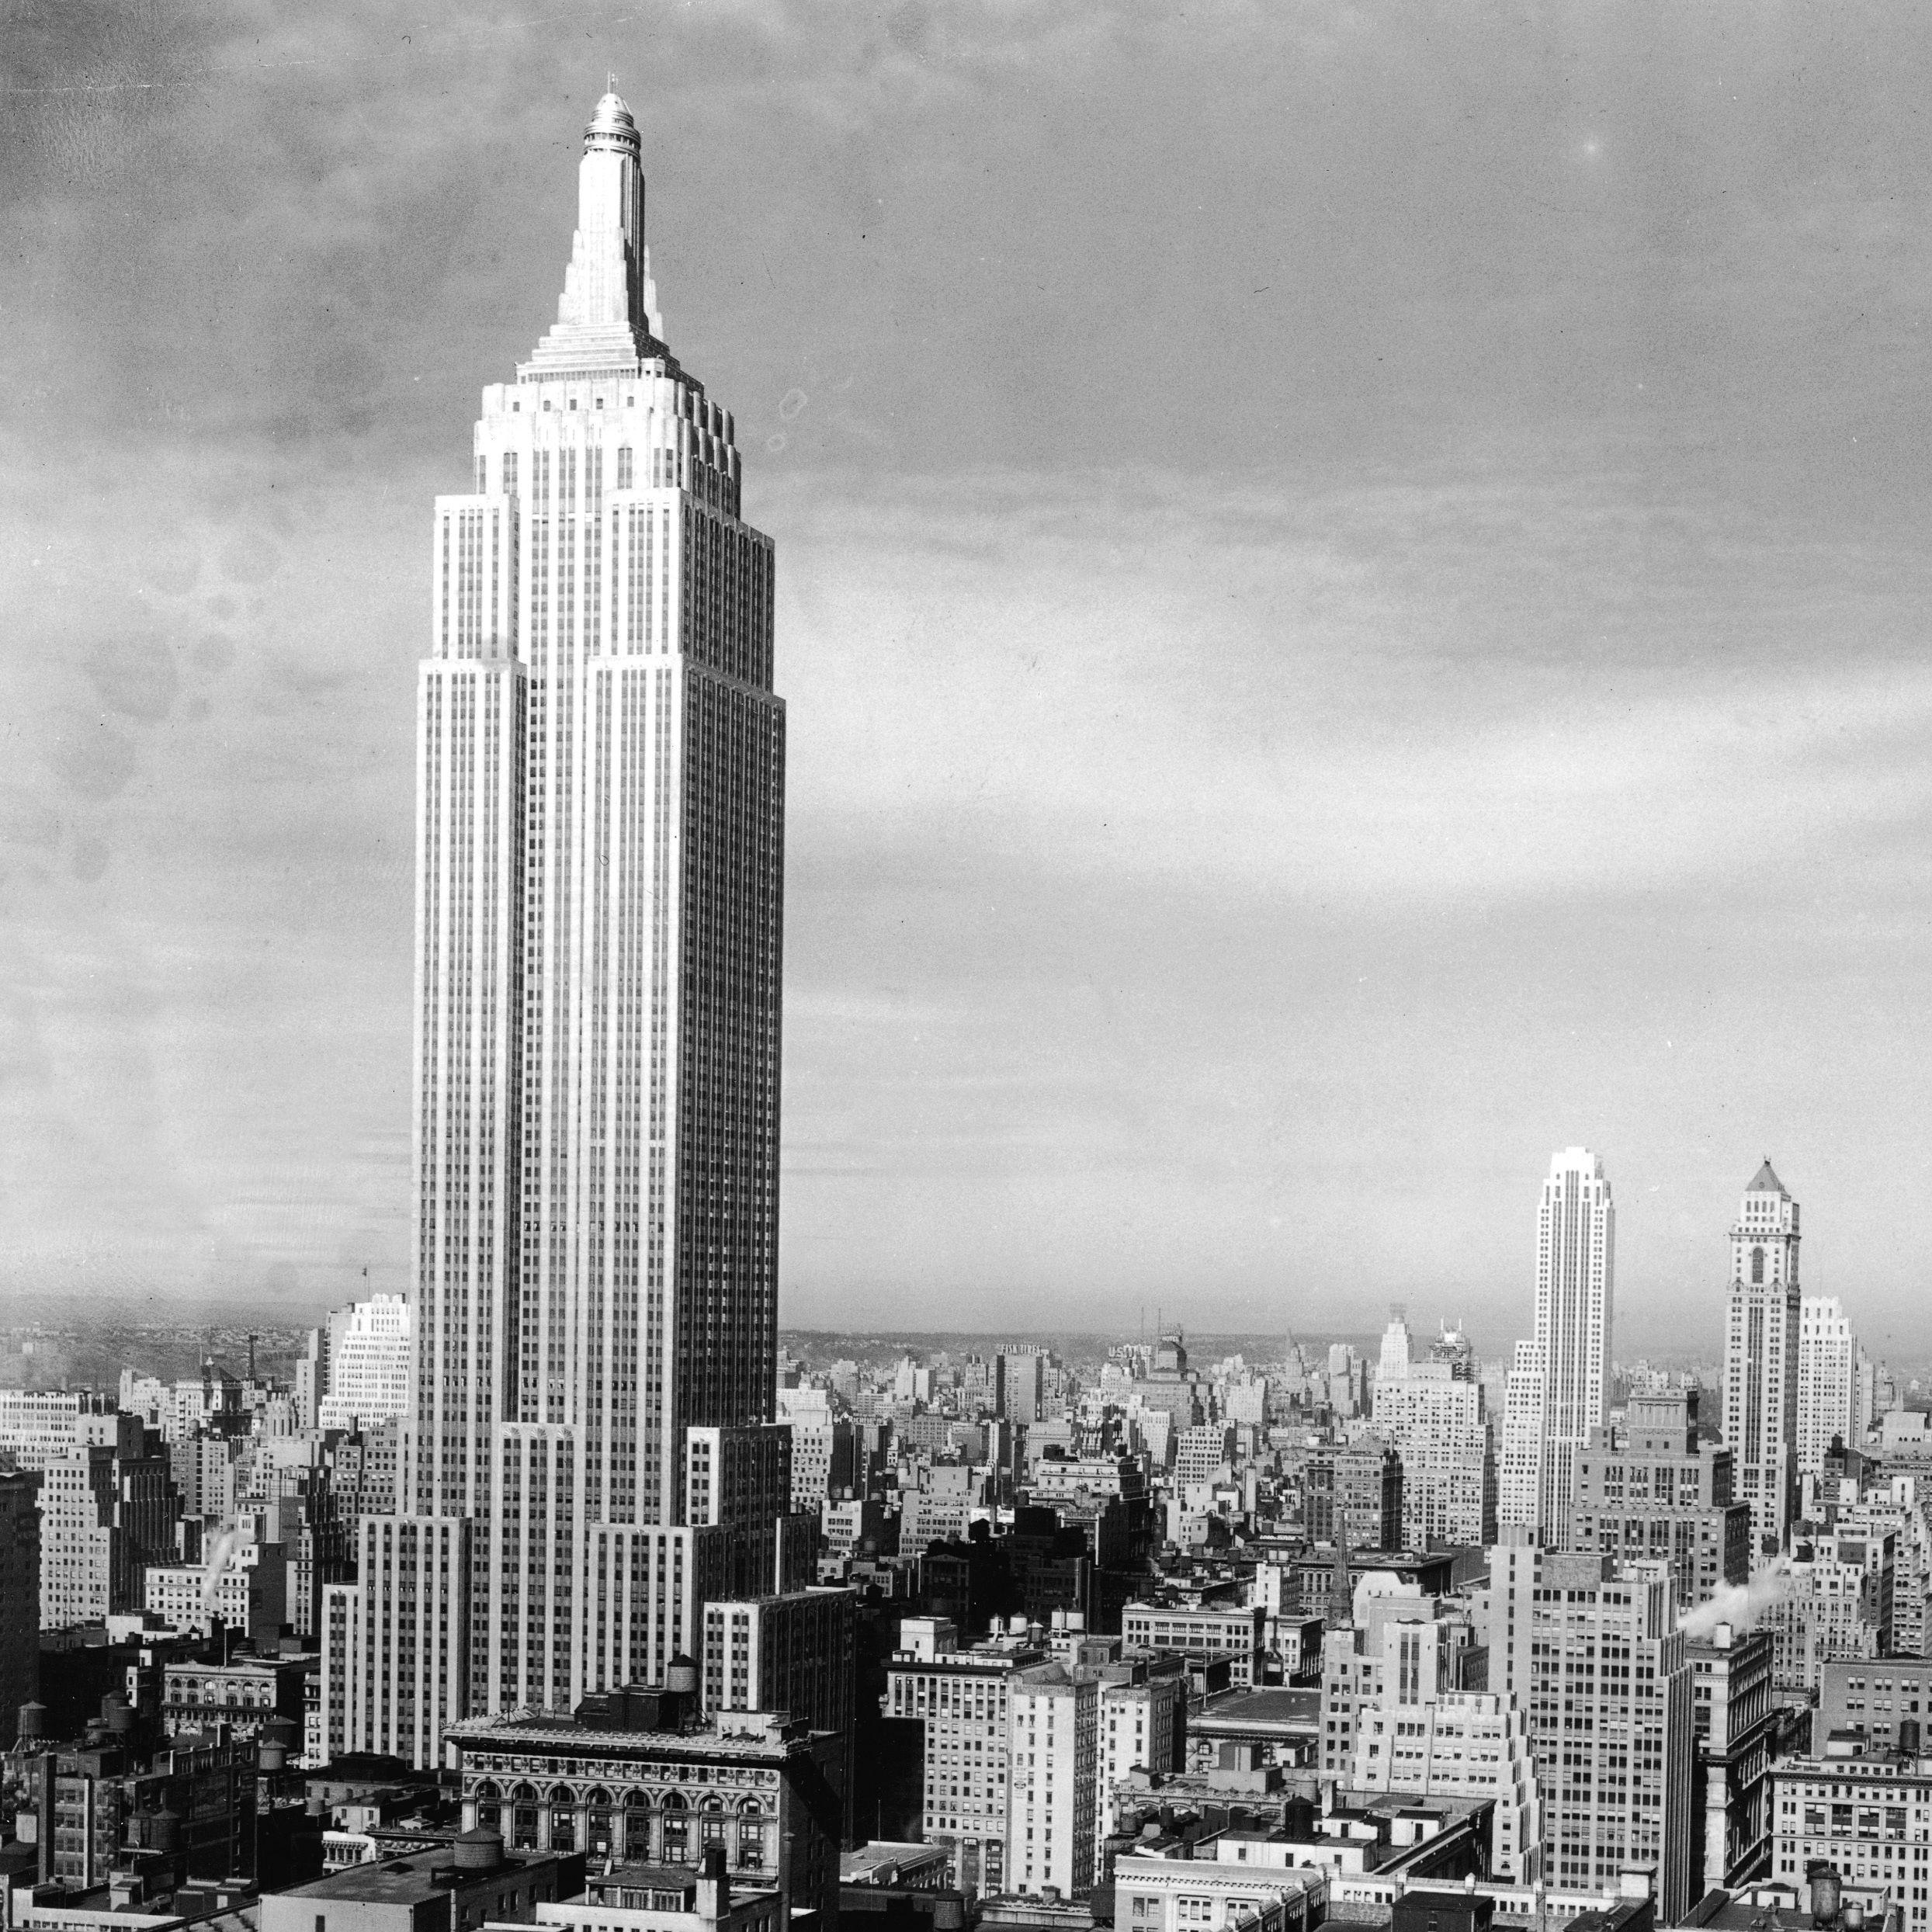 пункты проката фото самых первых американских высоток разнообразны, консистенции, подбору